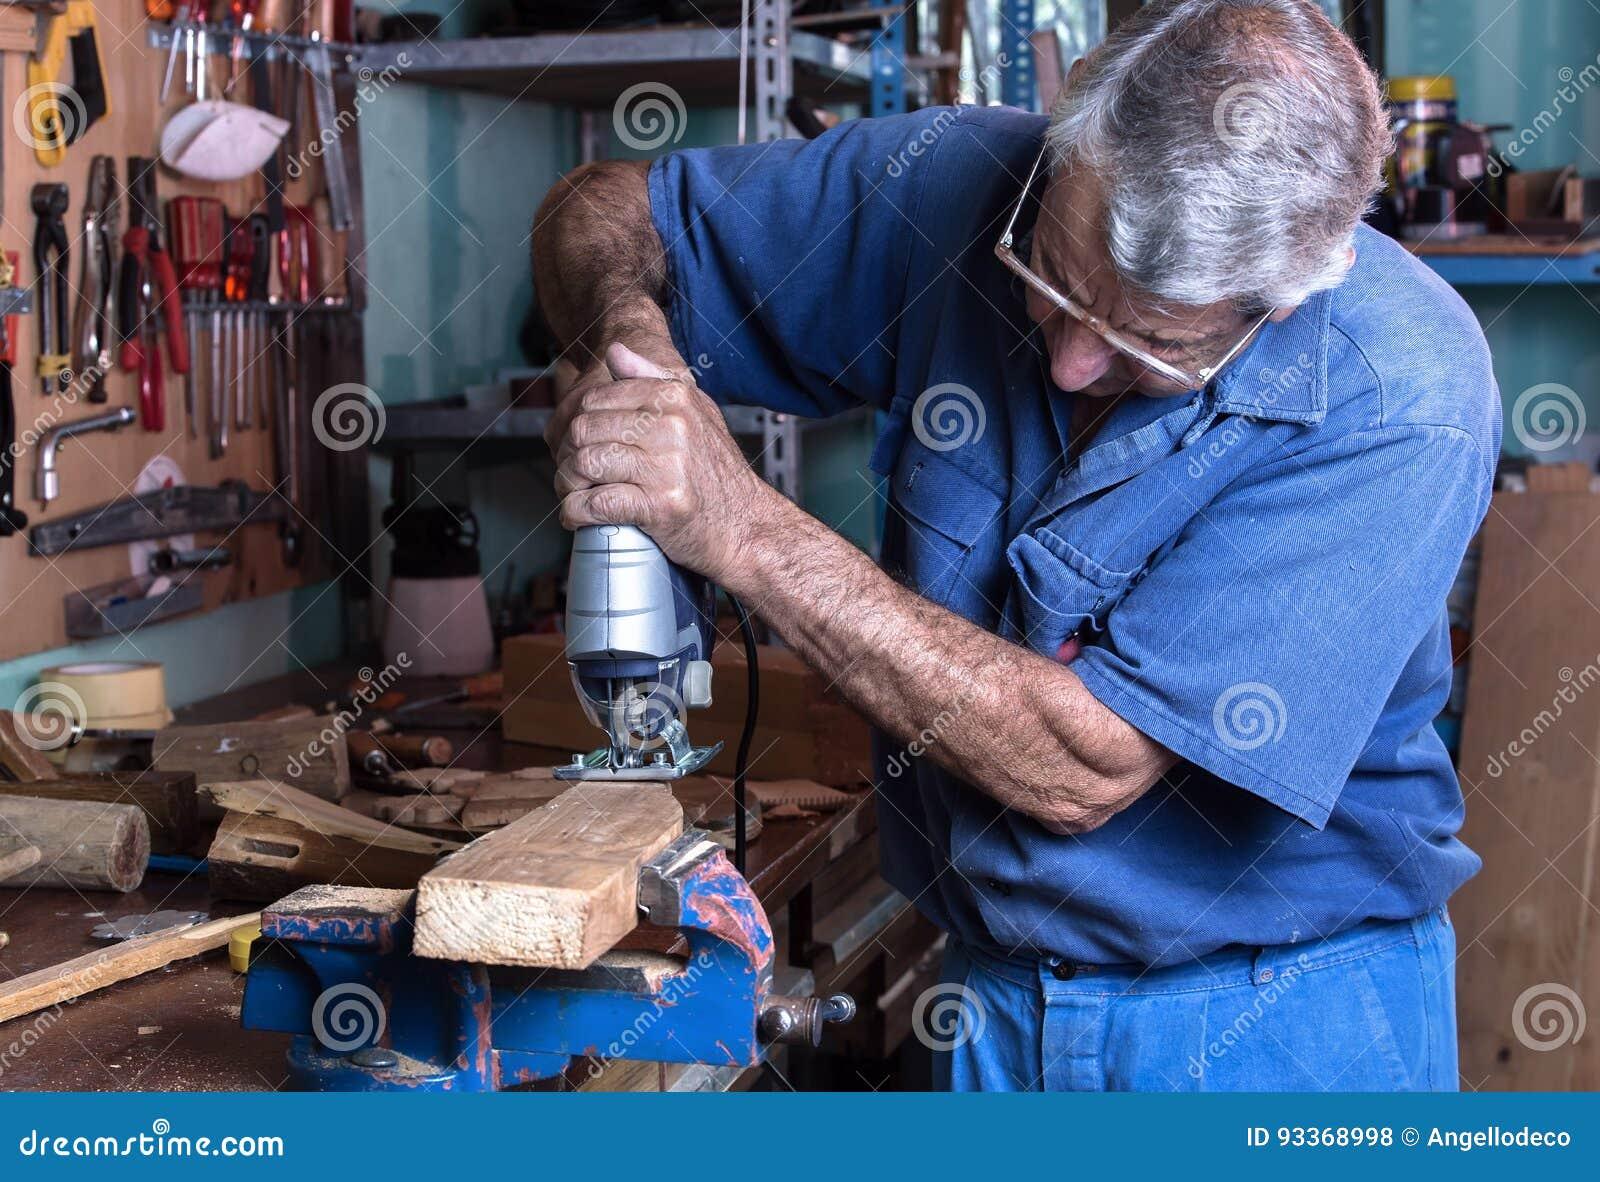 Banchi Da Lavoro Per Laboratorio Analisi : L ebanista che lavora con il legno ha visto nel banco da lavoro in